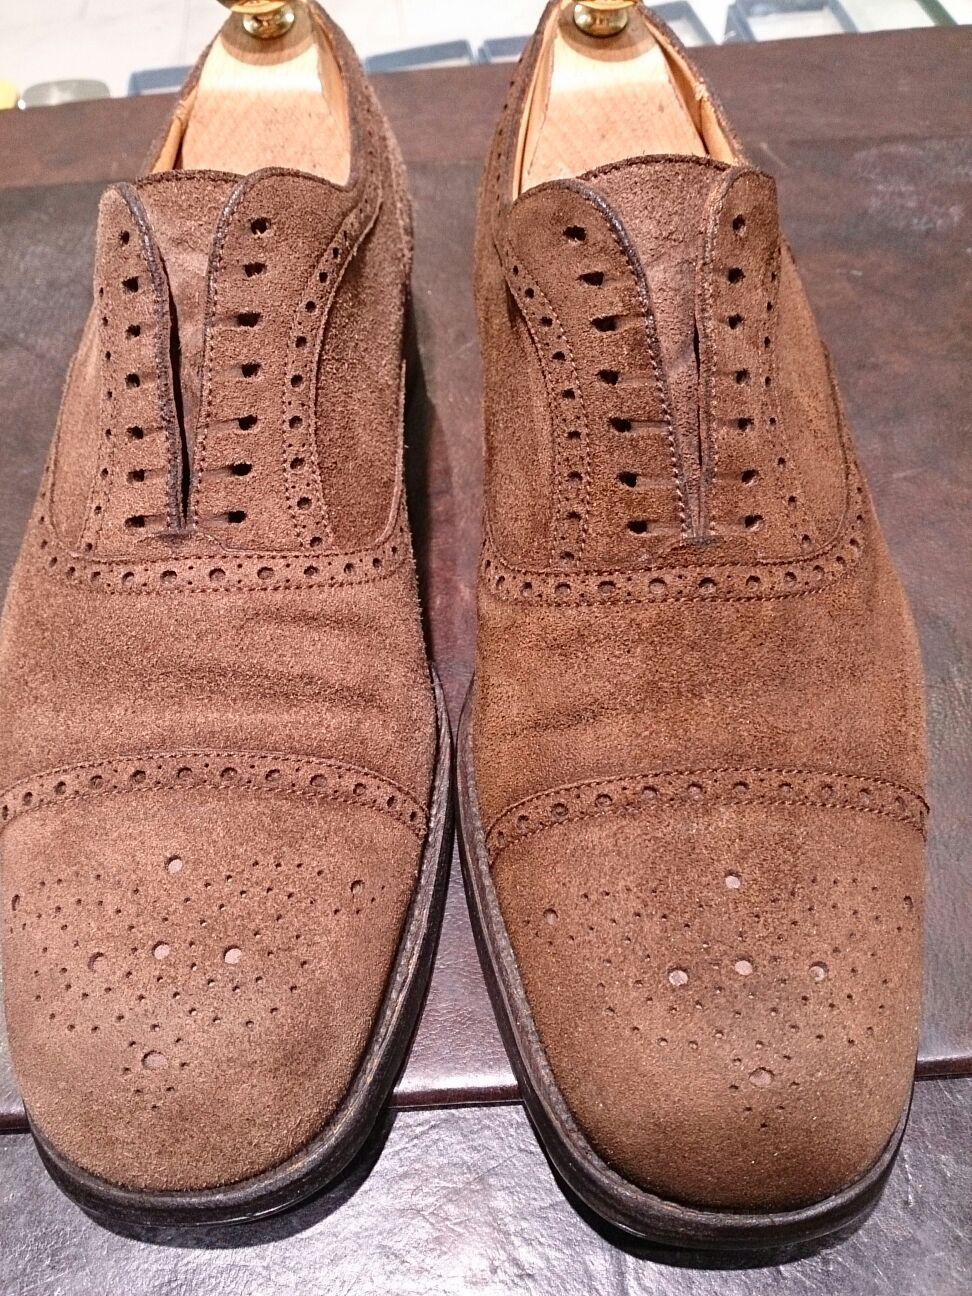 梅雨時期の靴:2_b0226322_16551296.jpg